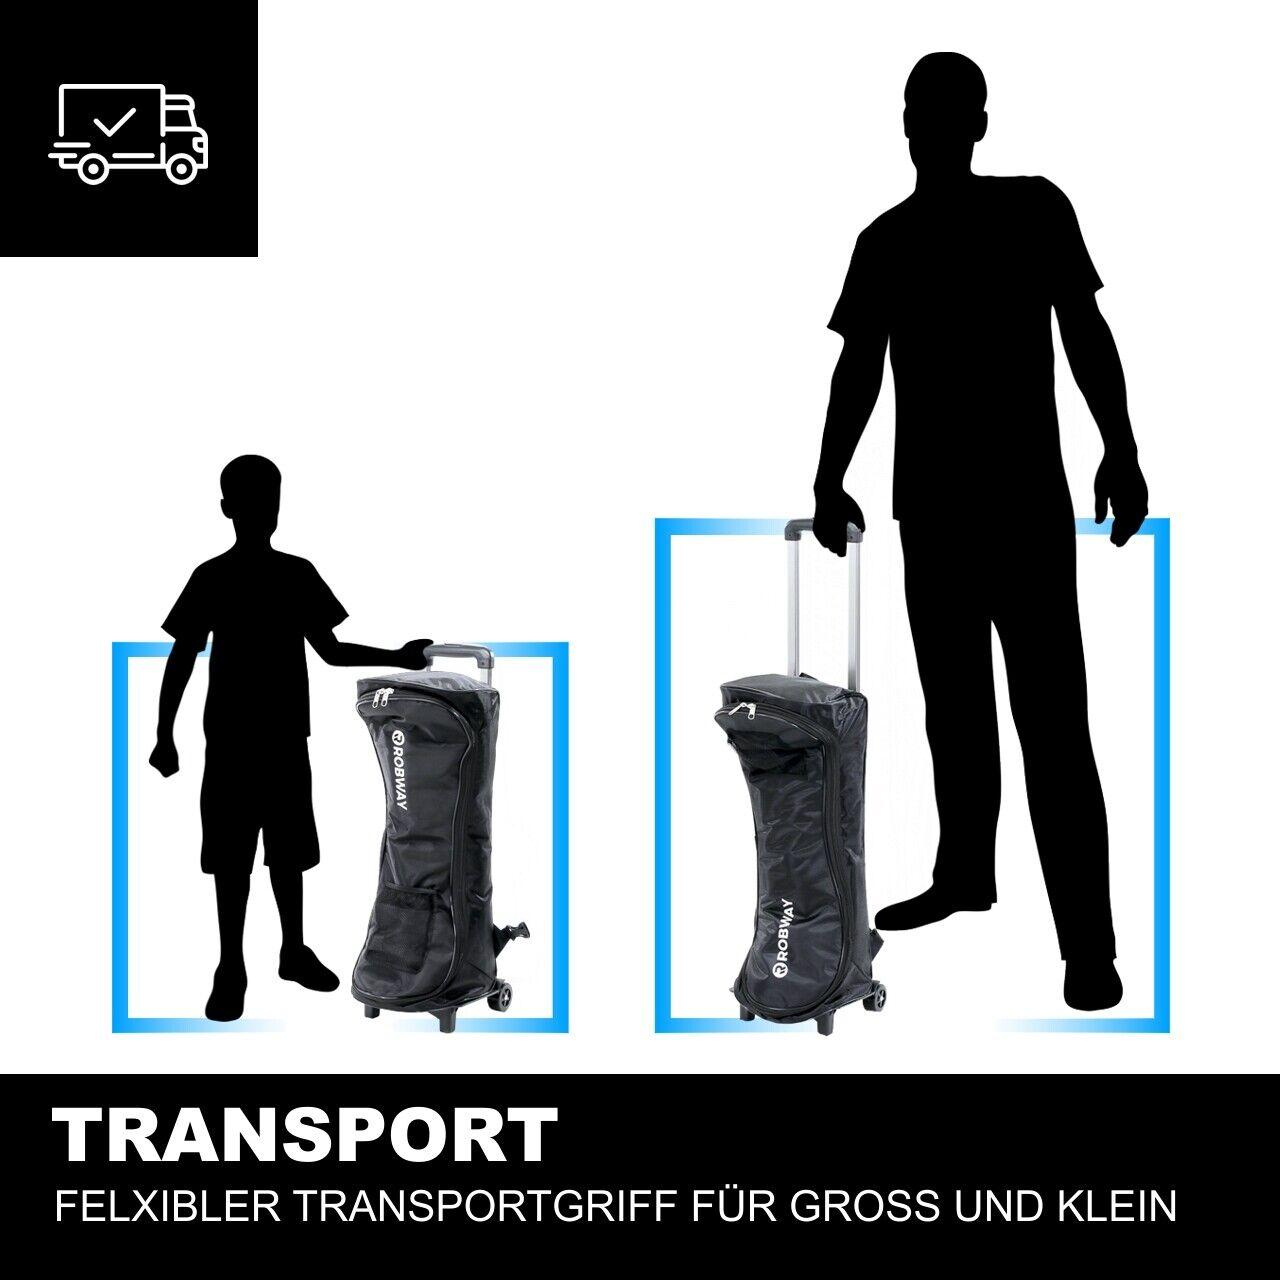 Dauerhaft Tragetasche Rucksack Bag Hoverboard Tasche Transporttasche Transport